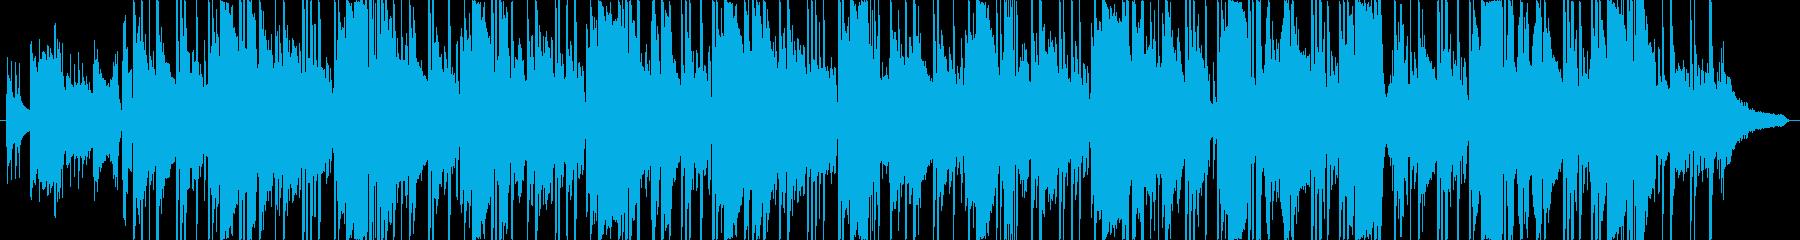 艶っぽいビートミュージック CM向けの再生済みの波形